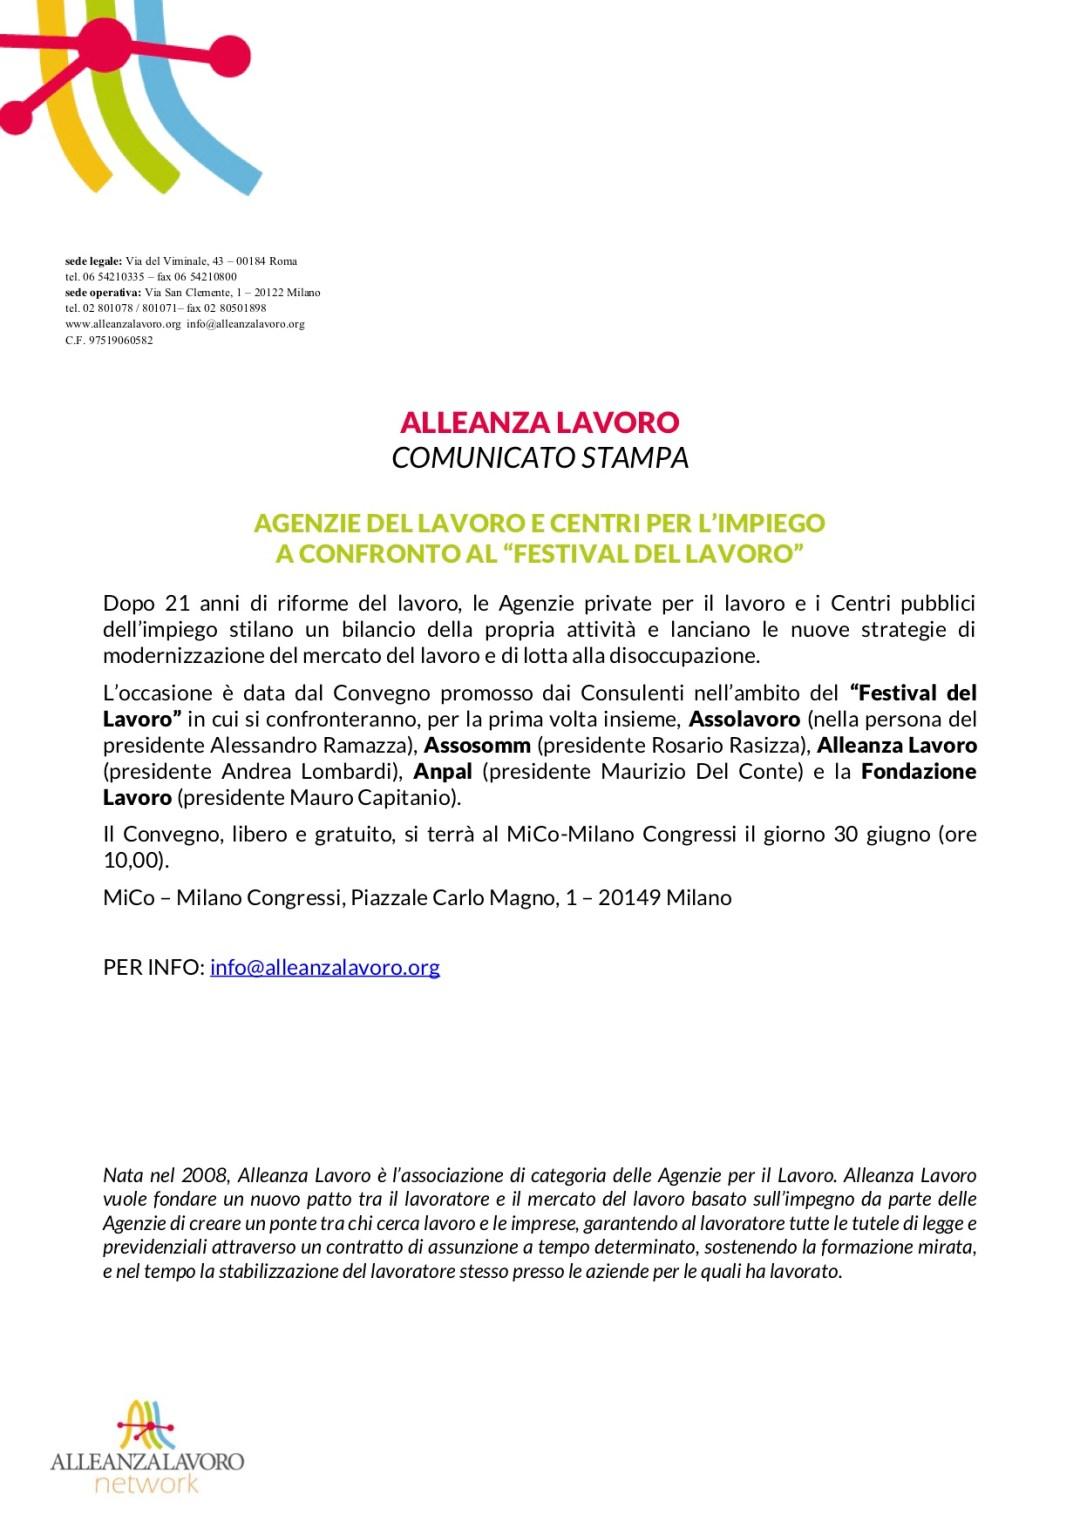 """Alleanza Lavoro: Agenzie del Lavoro e Centri per l'Impiego a confronto al """"Festival del Lavoro"""""""